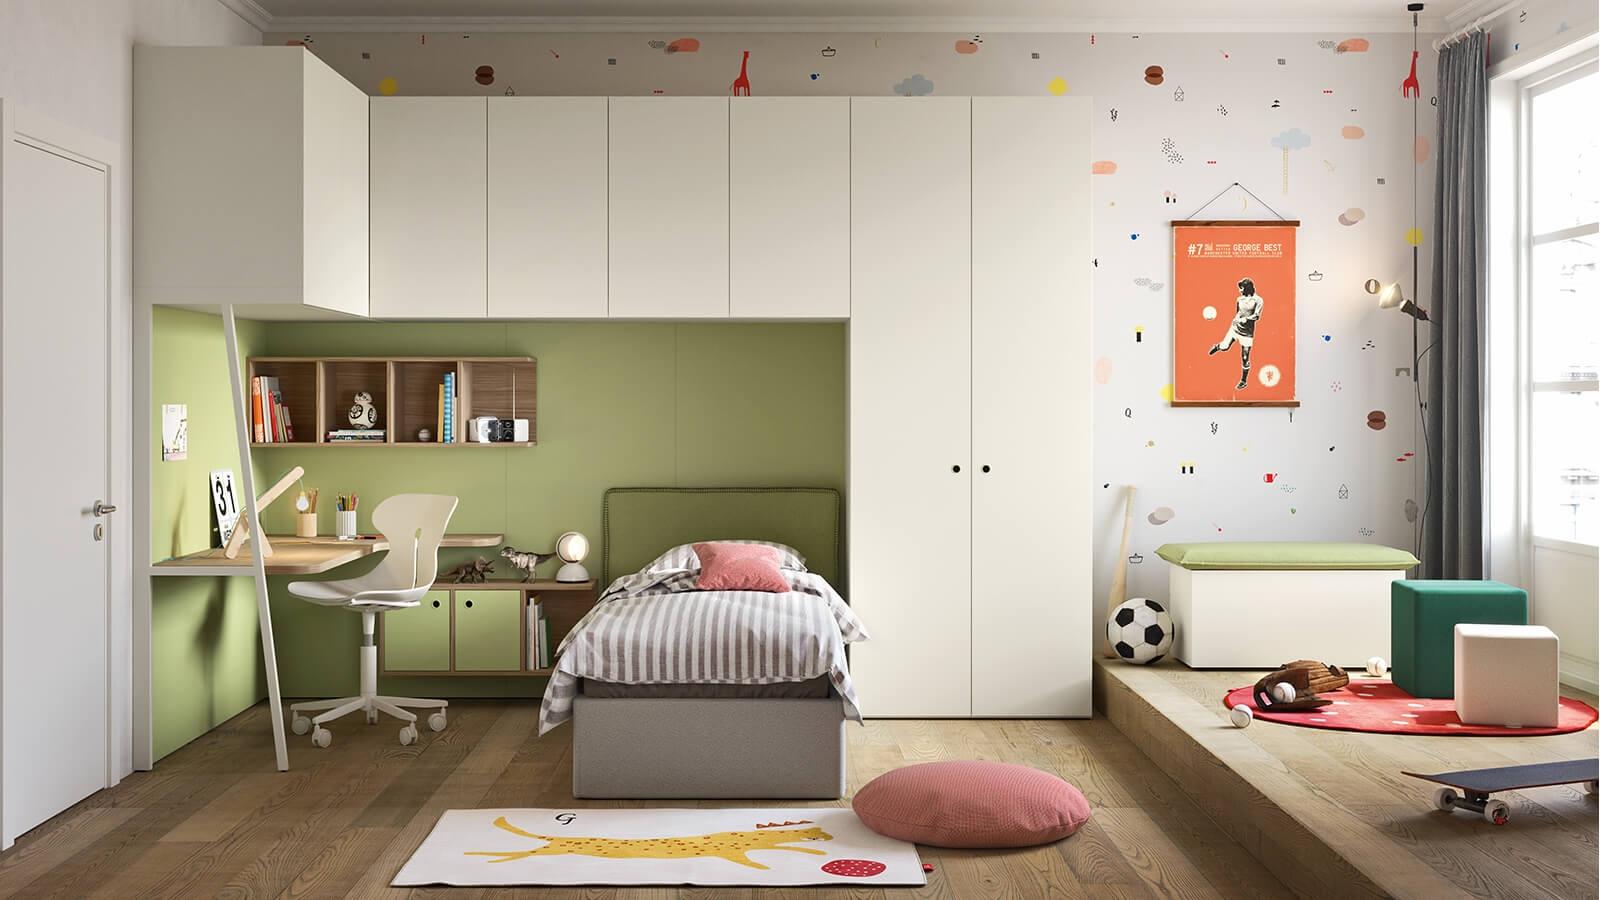 Idee camerette stanze per bambini suggerimenti arredo - Arredare una cameretta ...